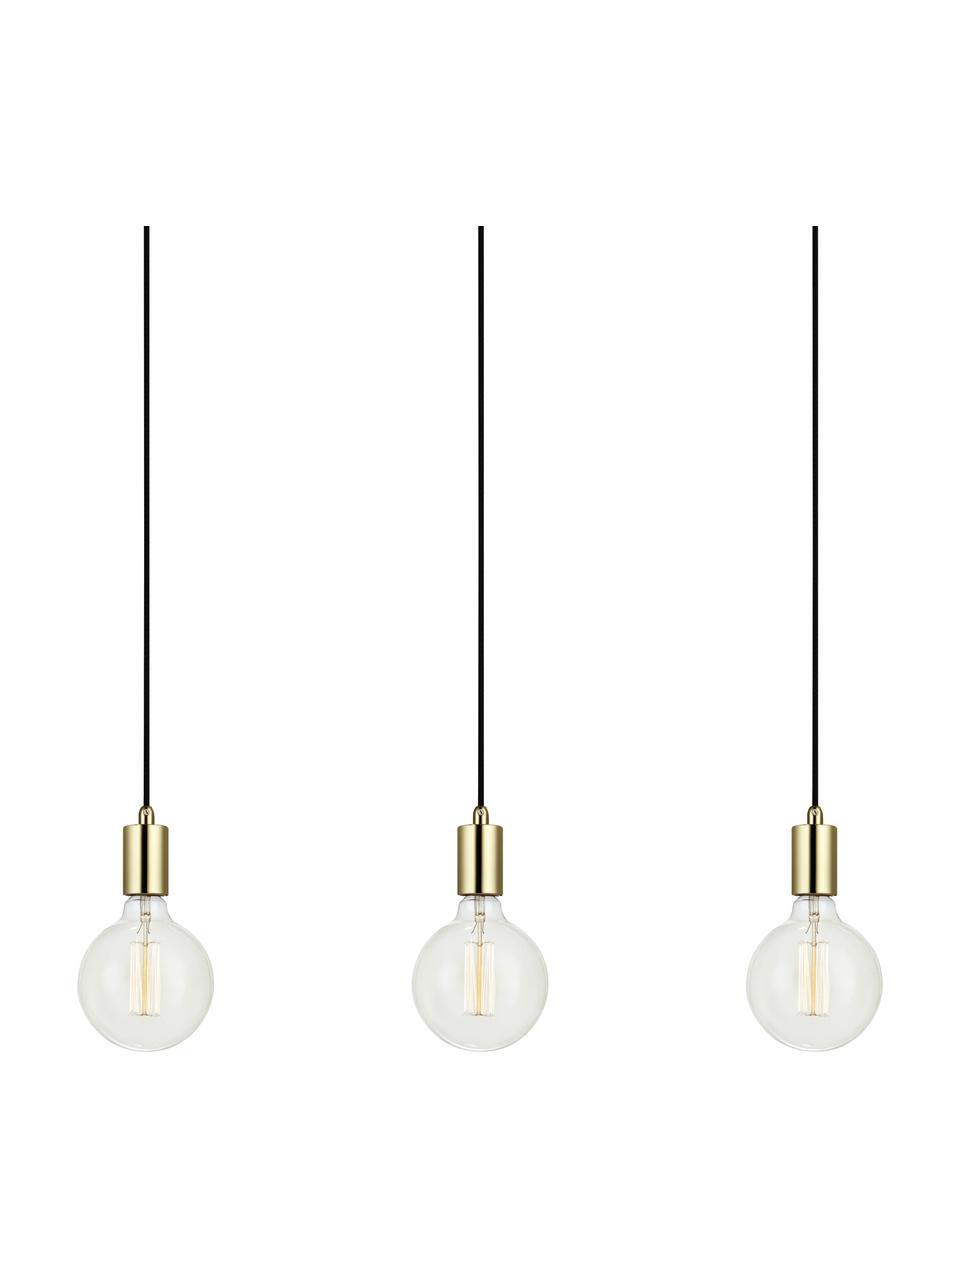 Suspension laiton 3 lampes Sky, Couleur dorée, noir